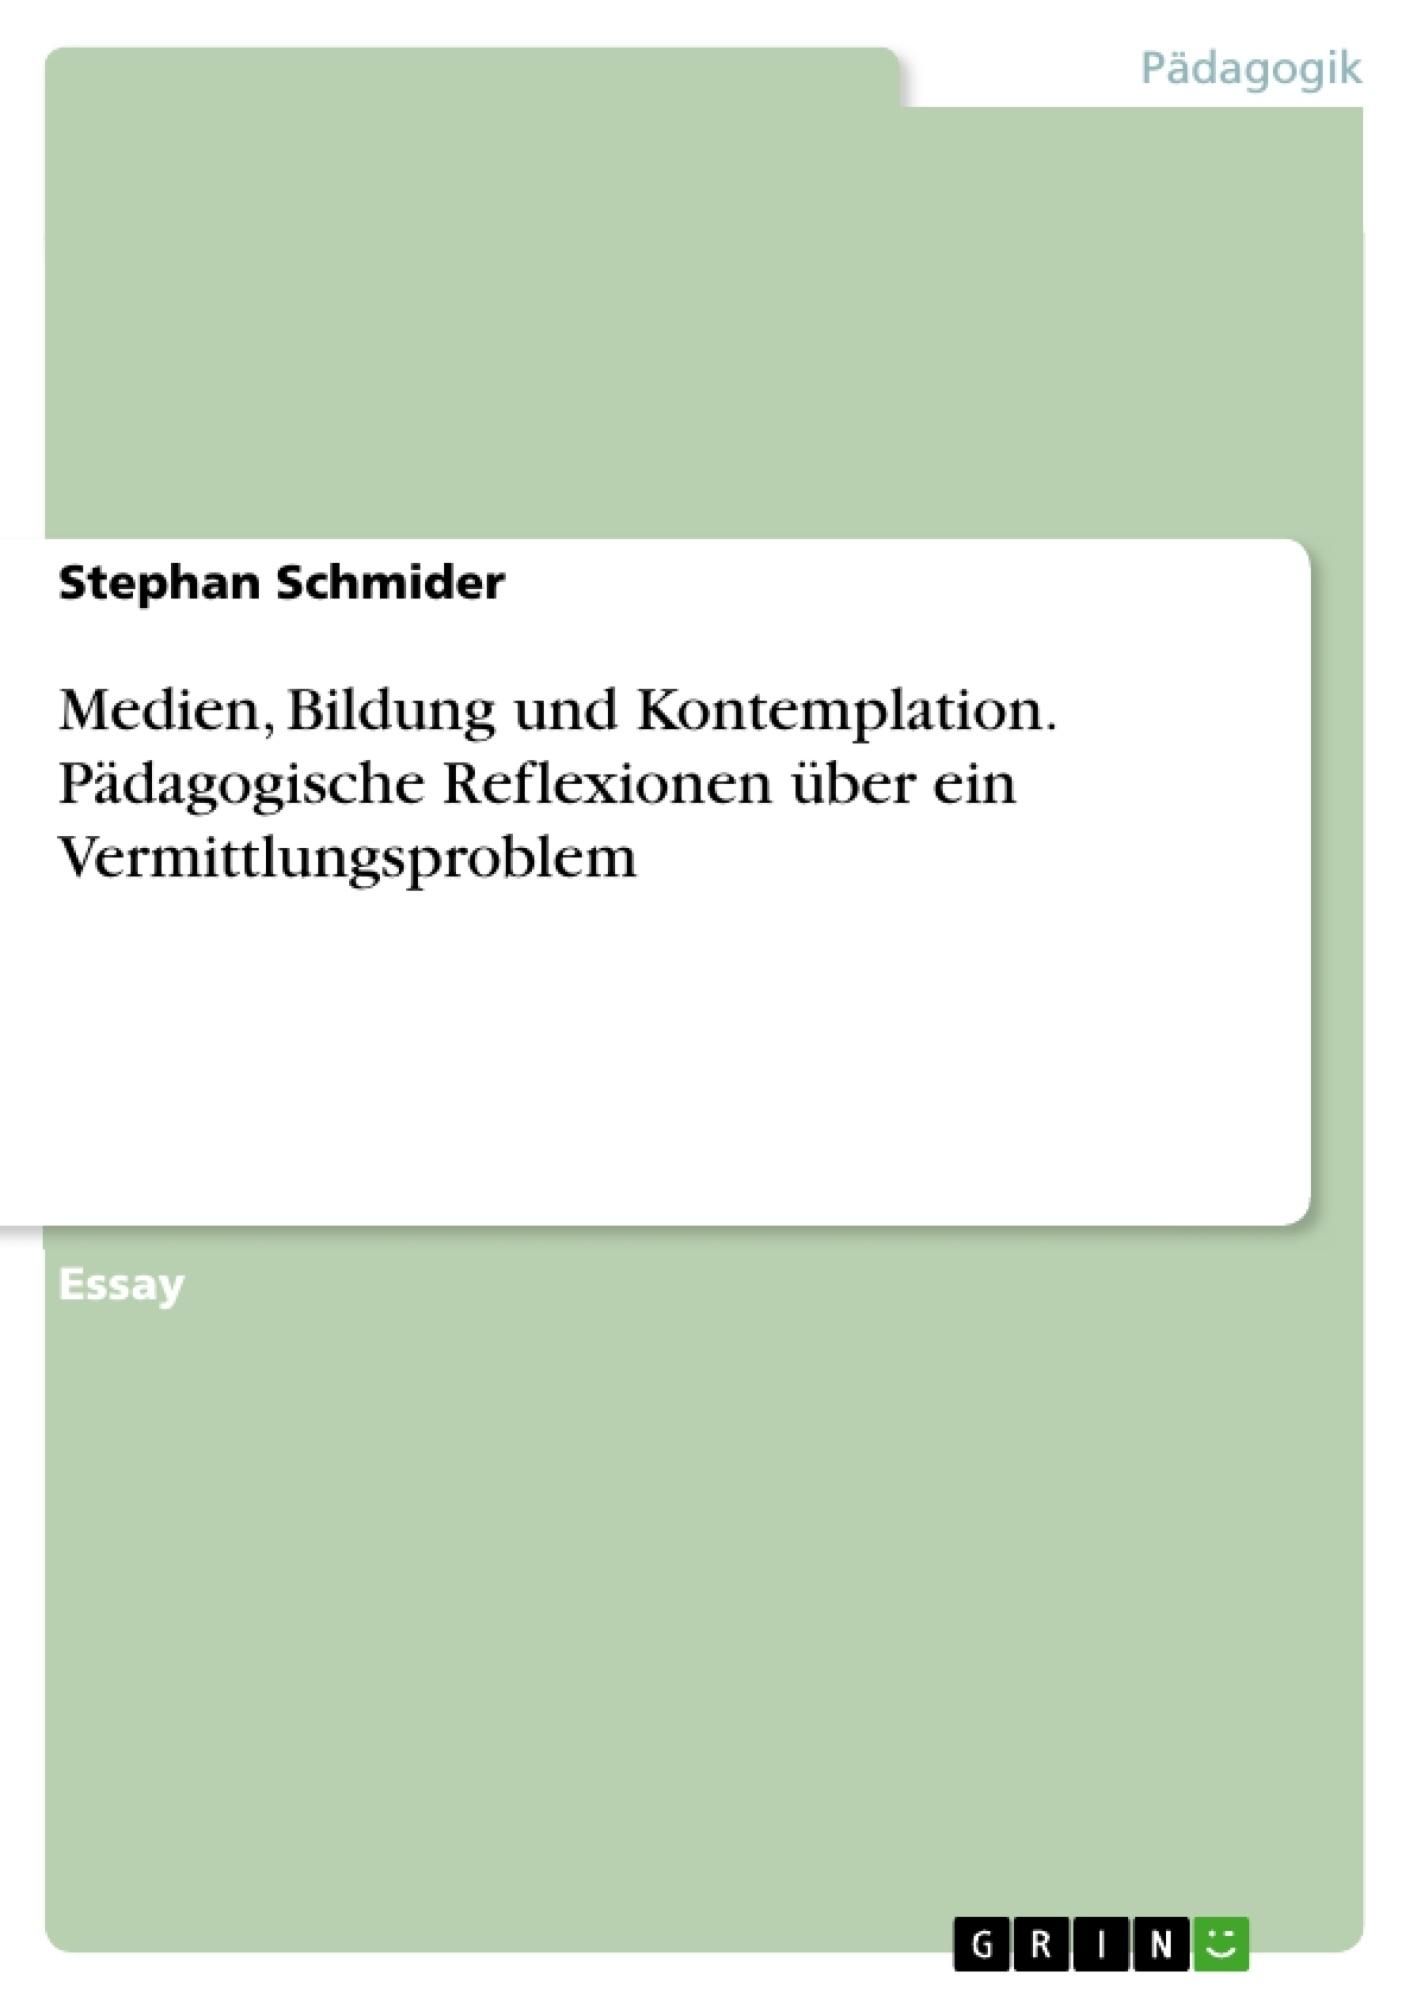 Titel: Medien, Bildung und Kontemplation. Pädagogische Reflexionen über ein Vermittlungsproblem